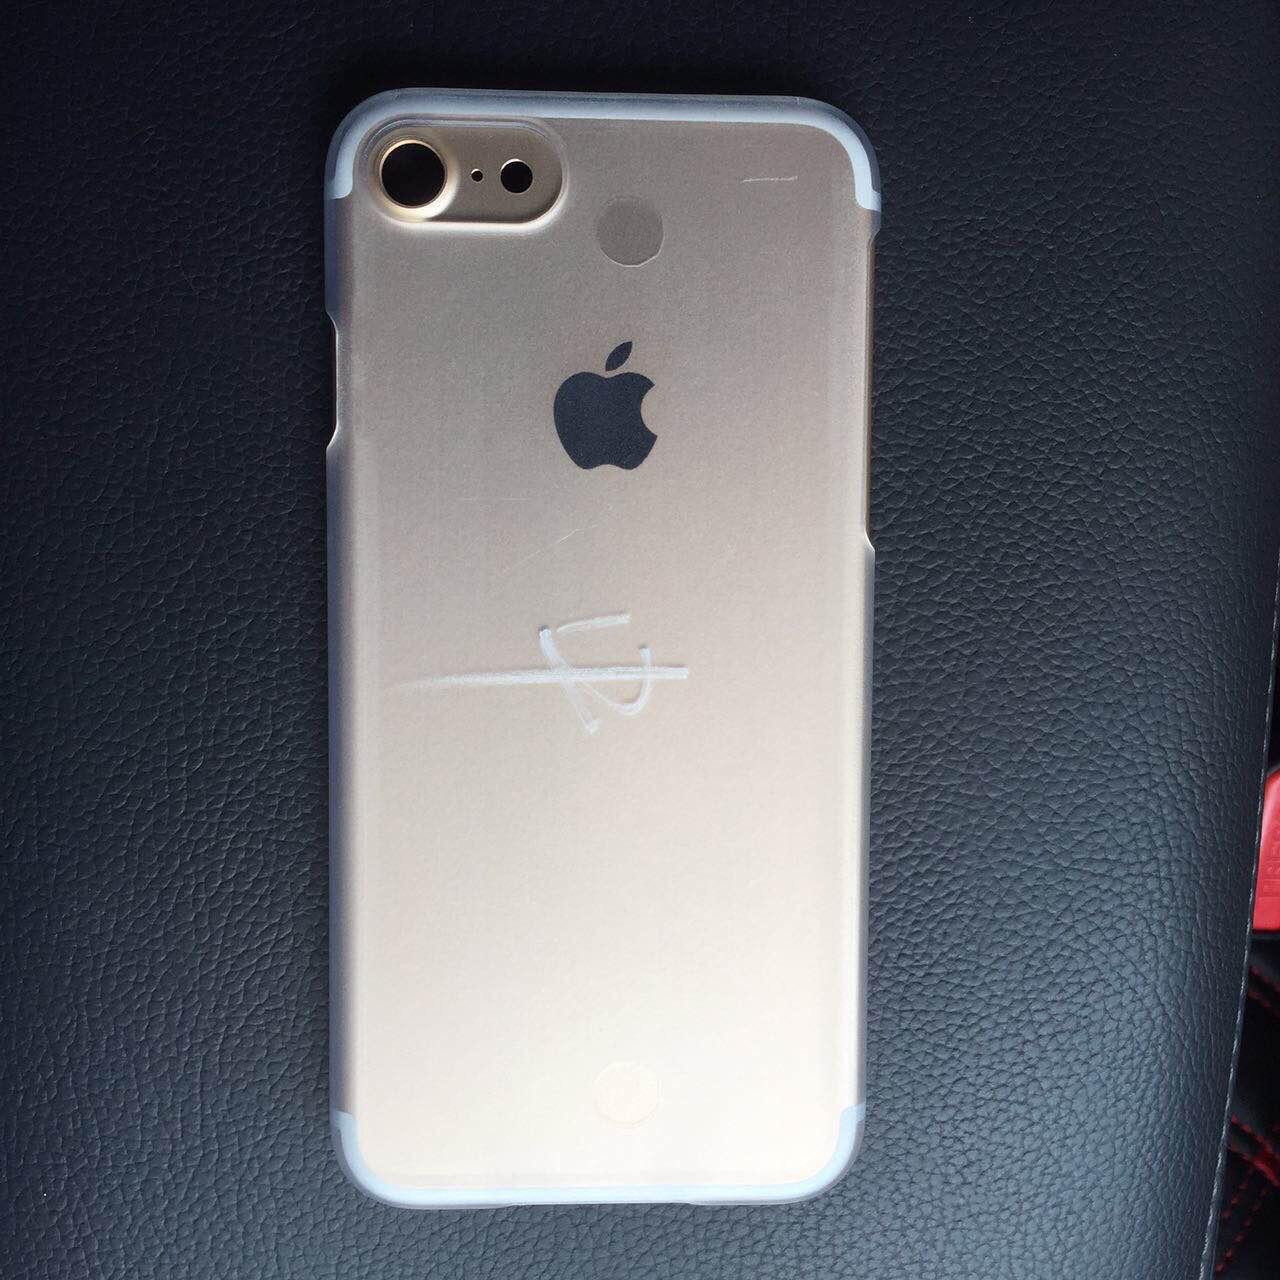 На новоиспеченной фотографии у телефона Apple iPhone 7 снова одна камера